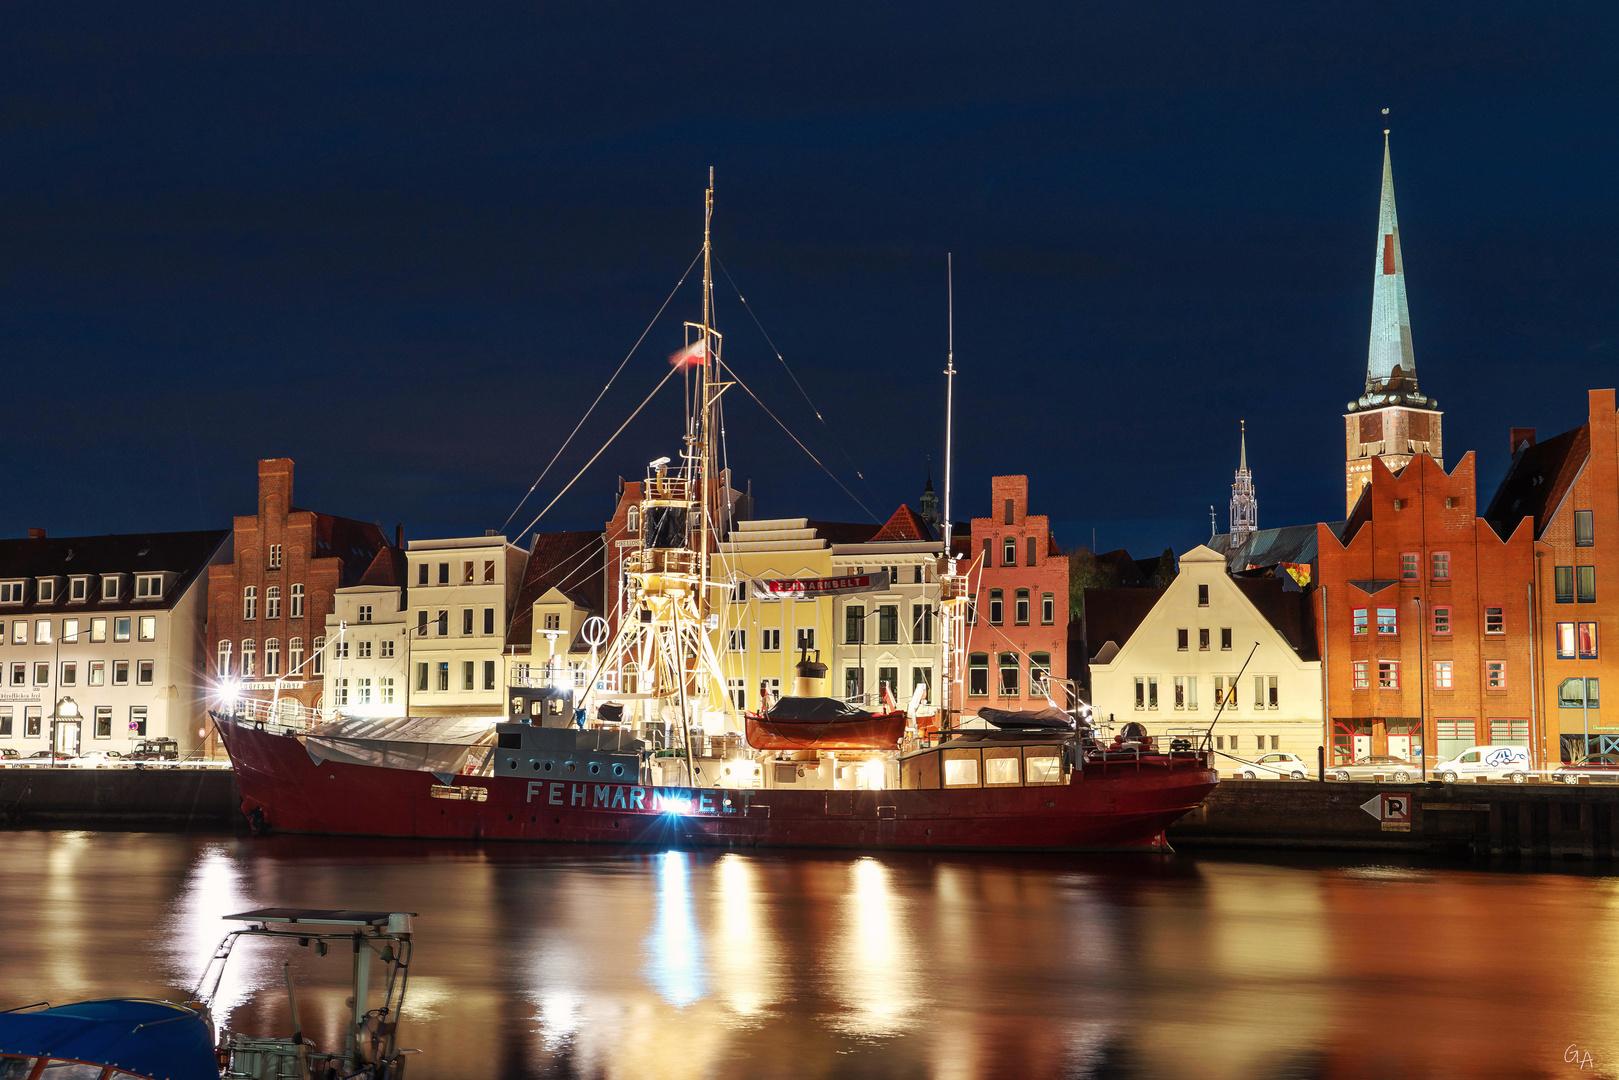 Feuerschiff Fehmarn Belt in Lübeck